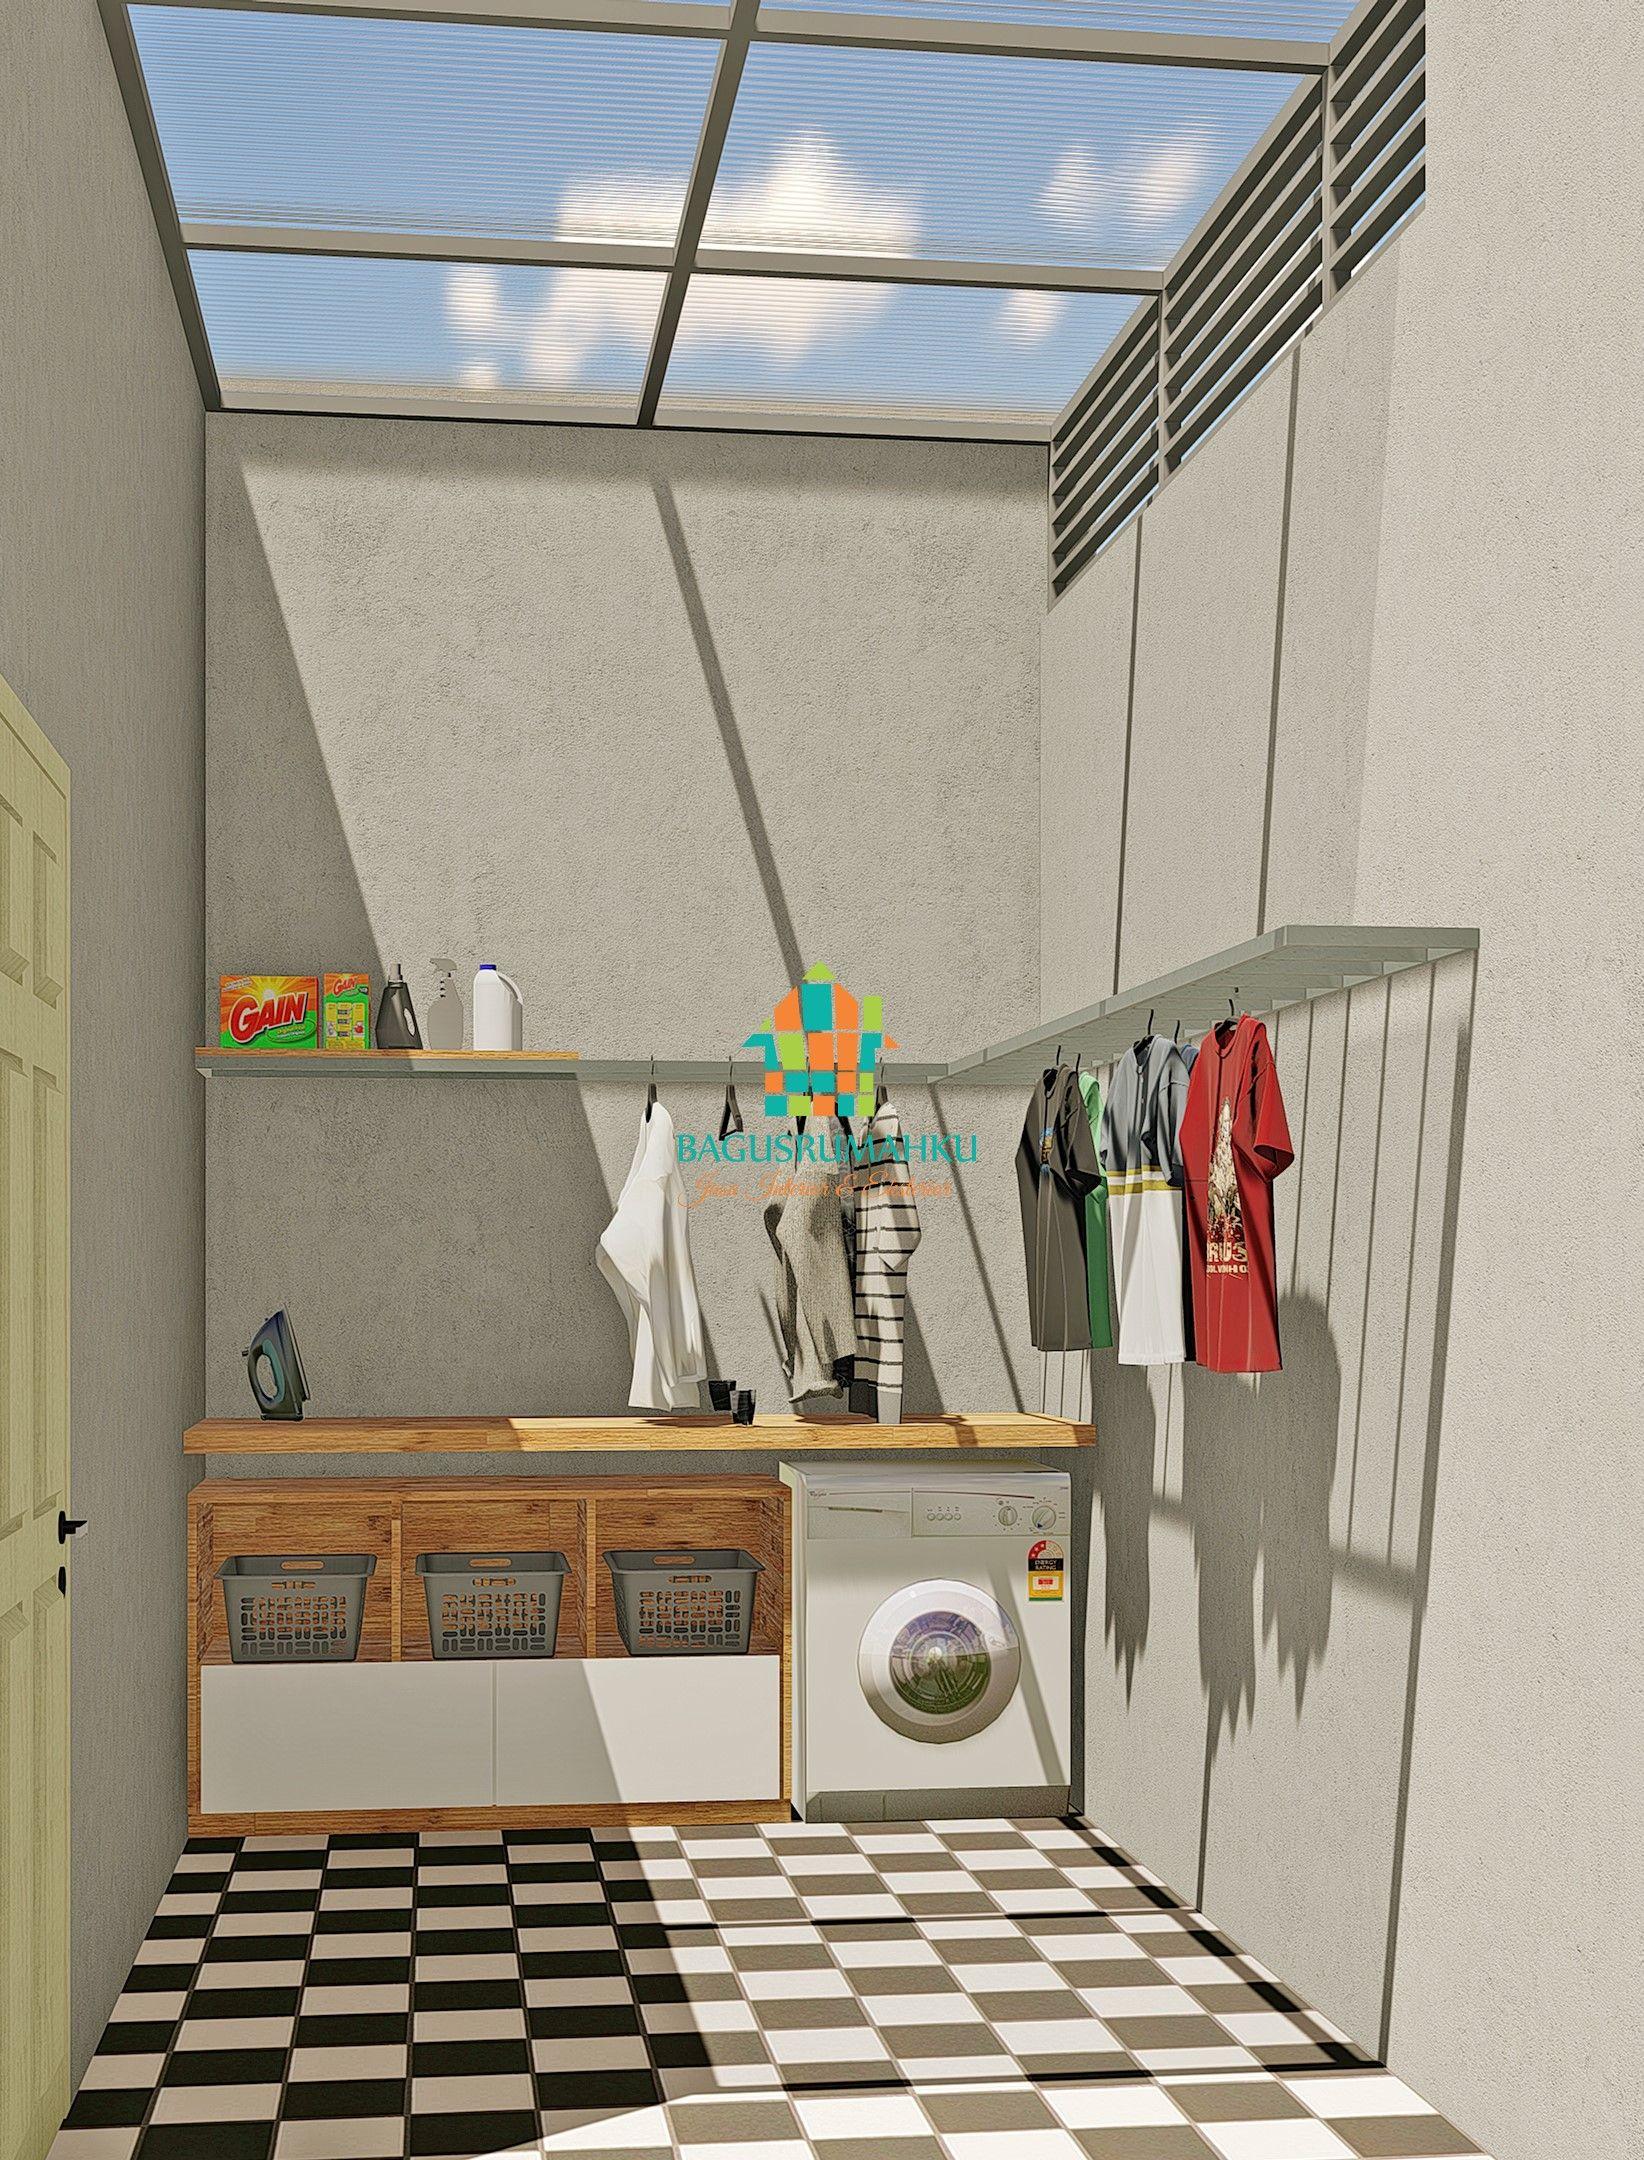 Ruang Cuci Dan Jemuran Ruang Cuci Ruang Cuci Baju Ruang Keluarga Mewah